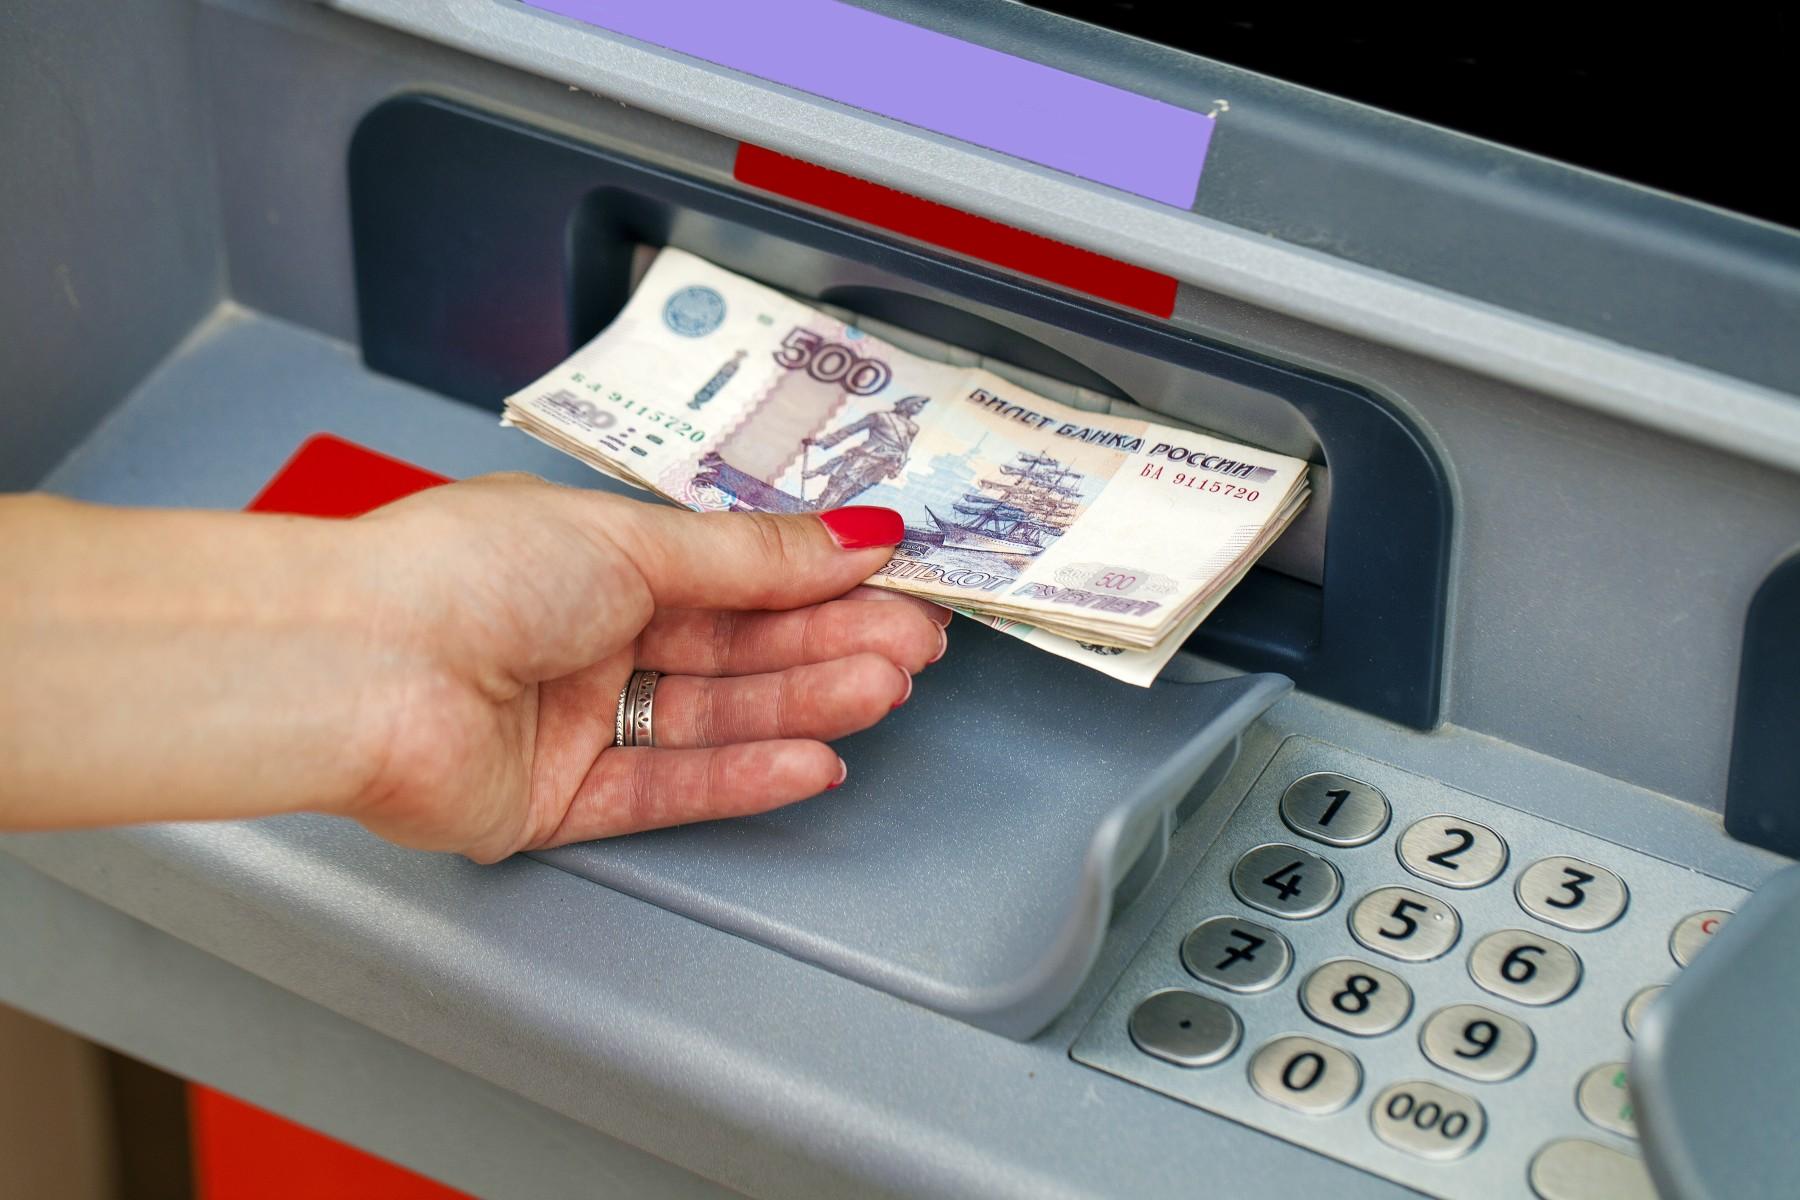 Russian bank account, woman using cash machine in Russia